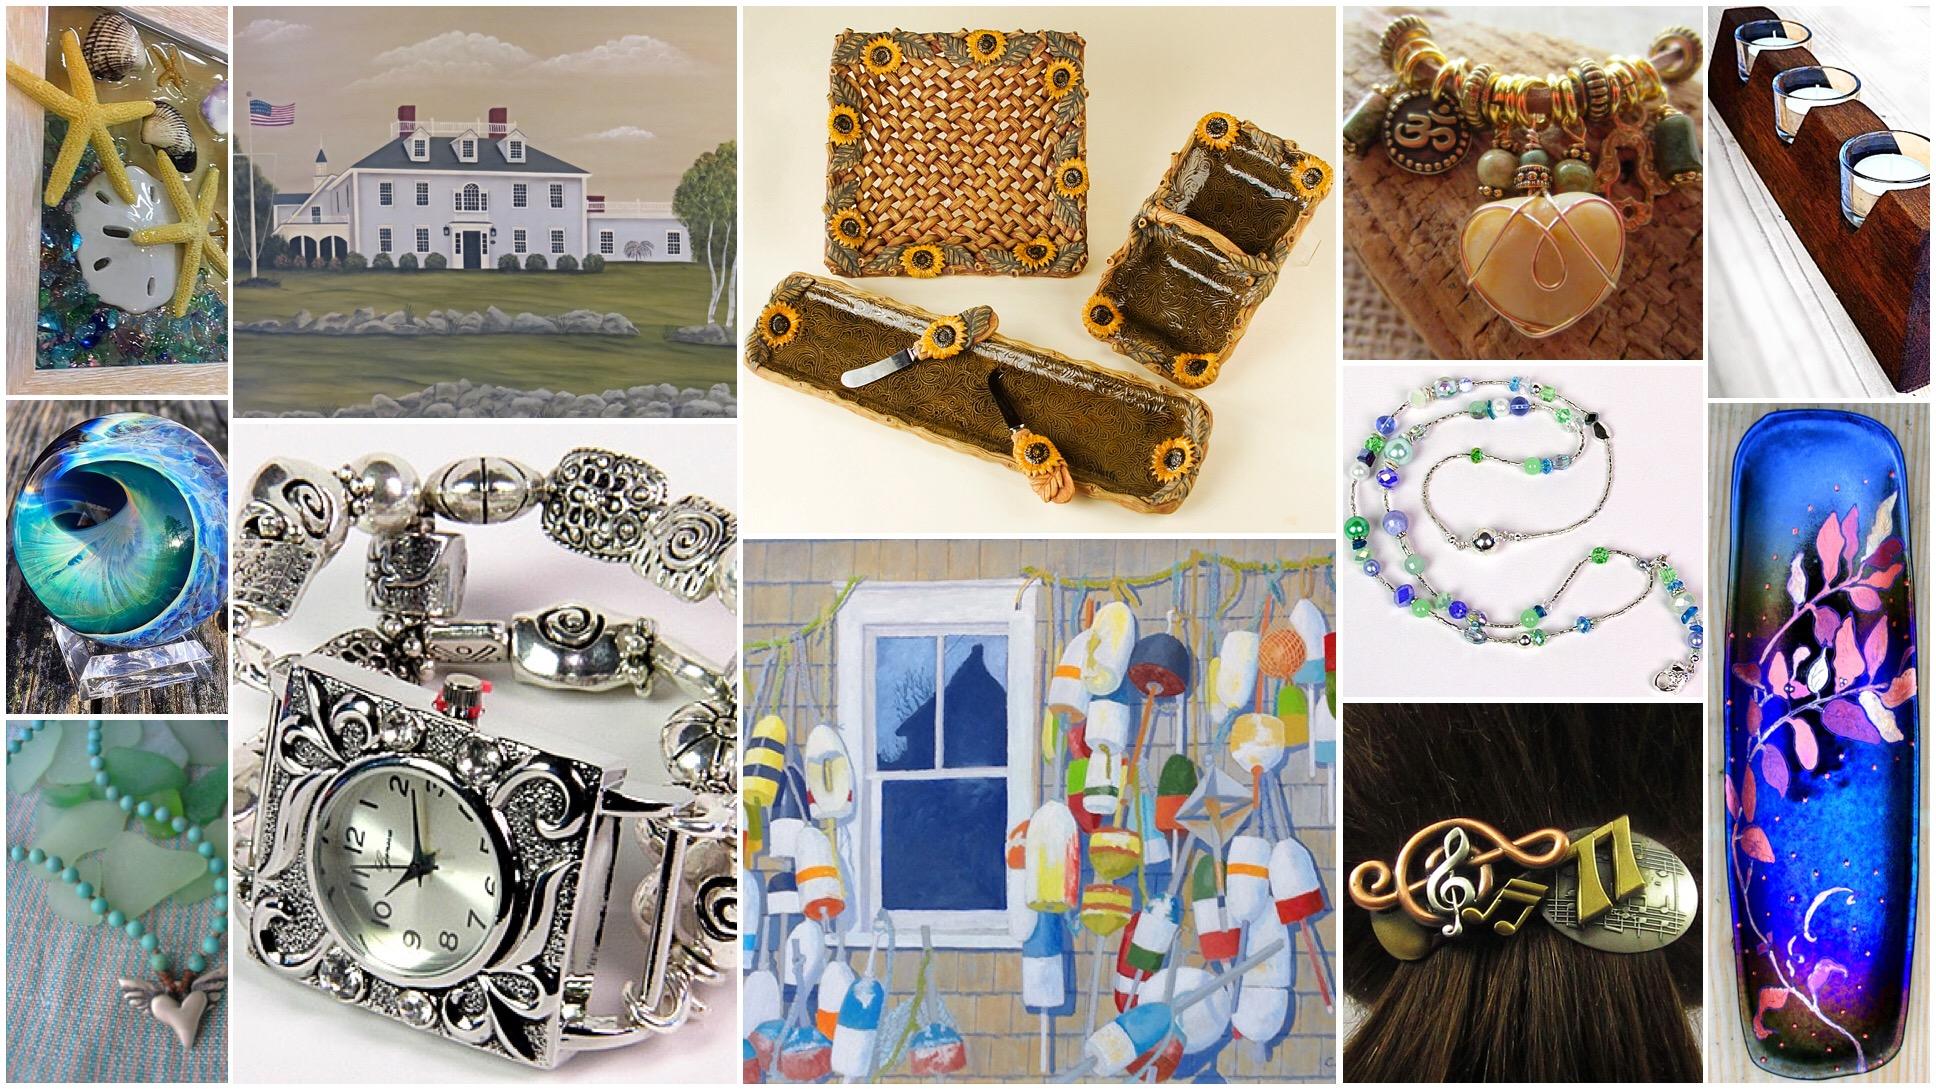 7th annual kill tide arts and craft festival castleberry for Arts and crafts festival